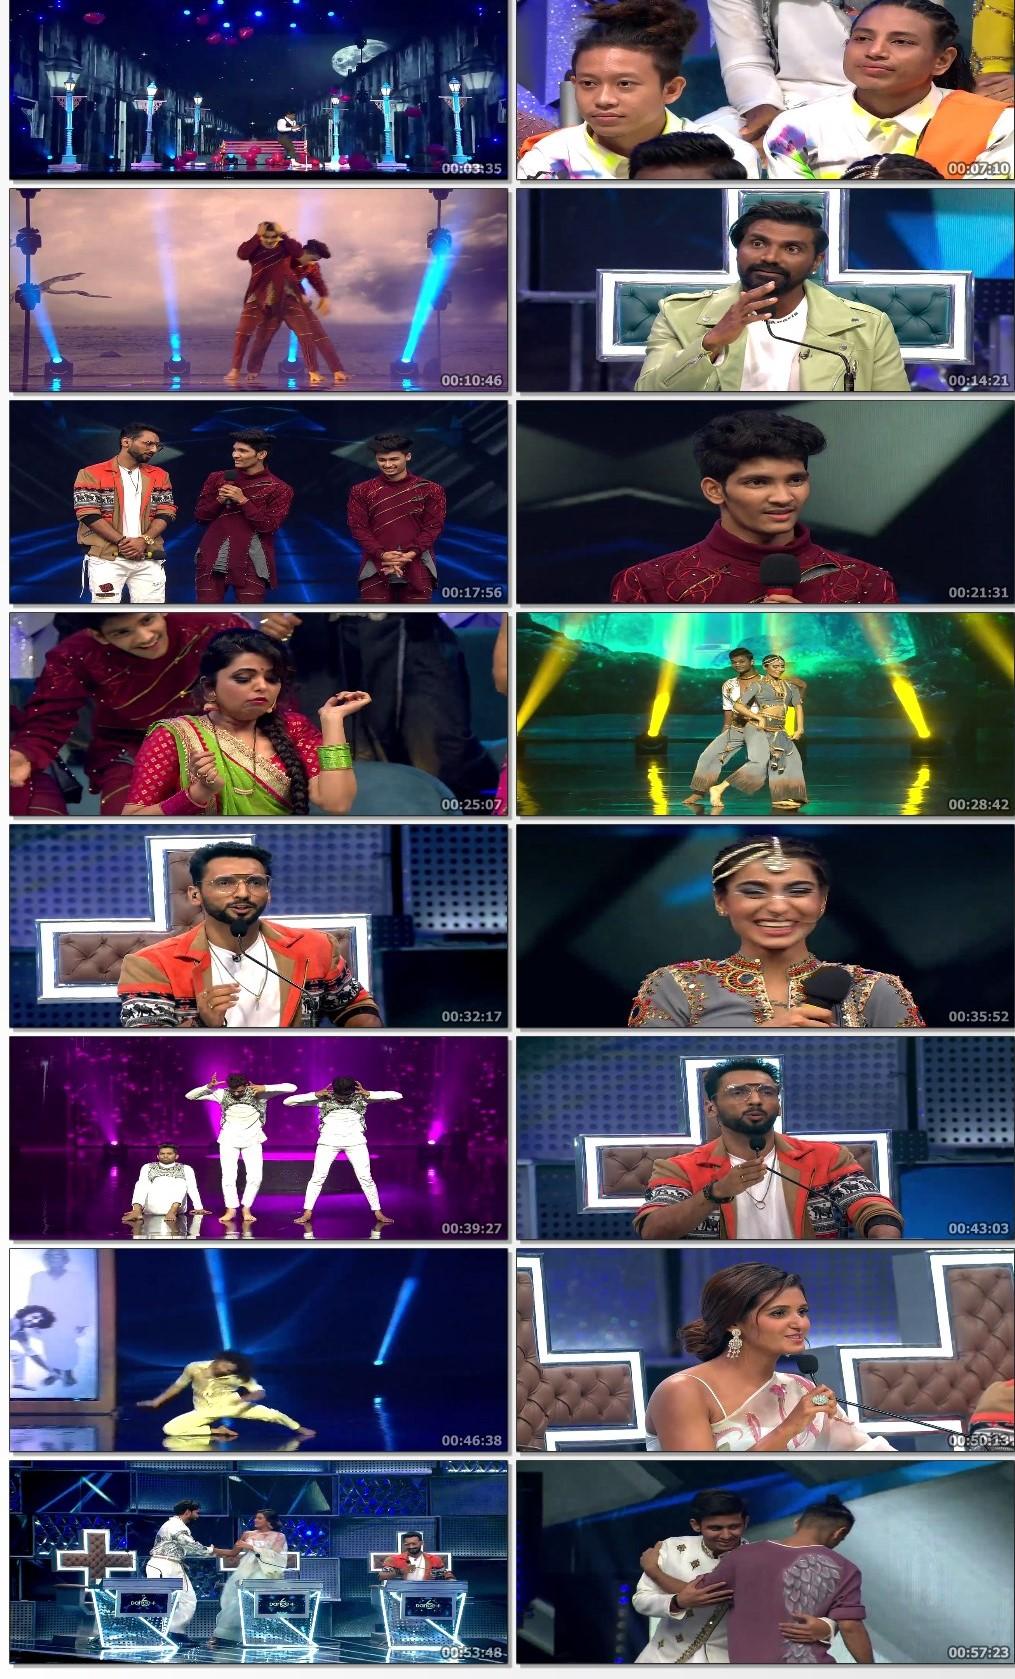 Dance-Plus-2021-S06-E23-Hindi-www-9kmovies-work-720p-DSNP-HDRip-420-MB-mkv-thumbsa2c17d7a8fad7838